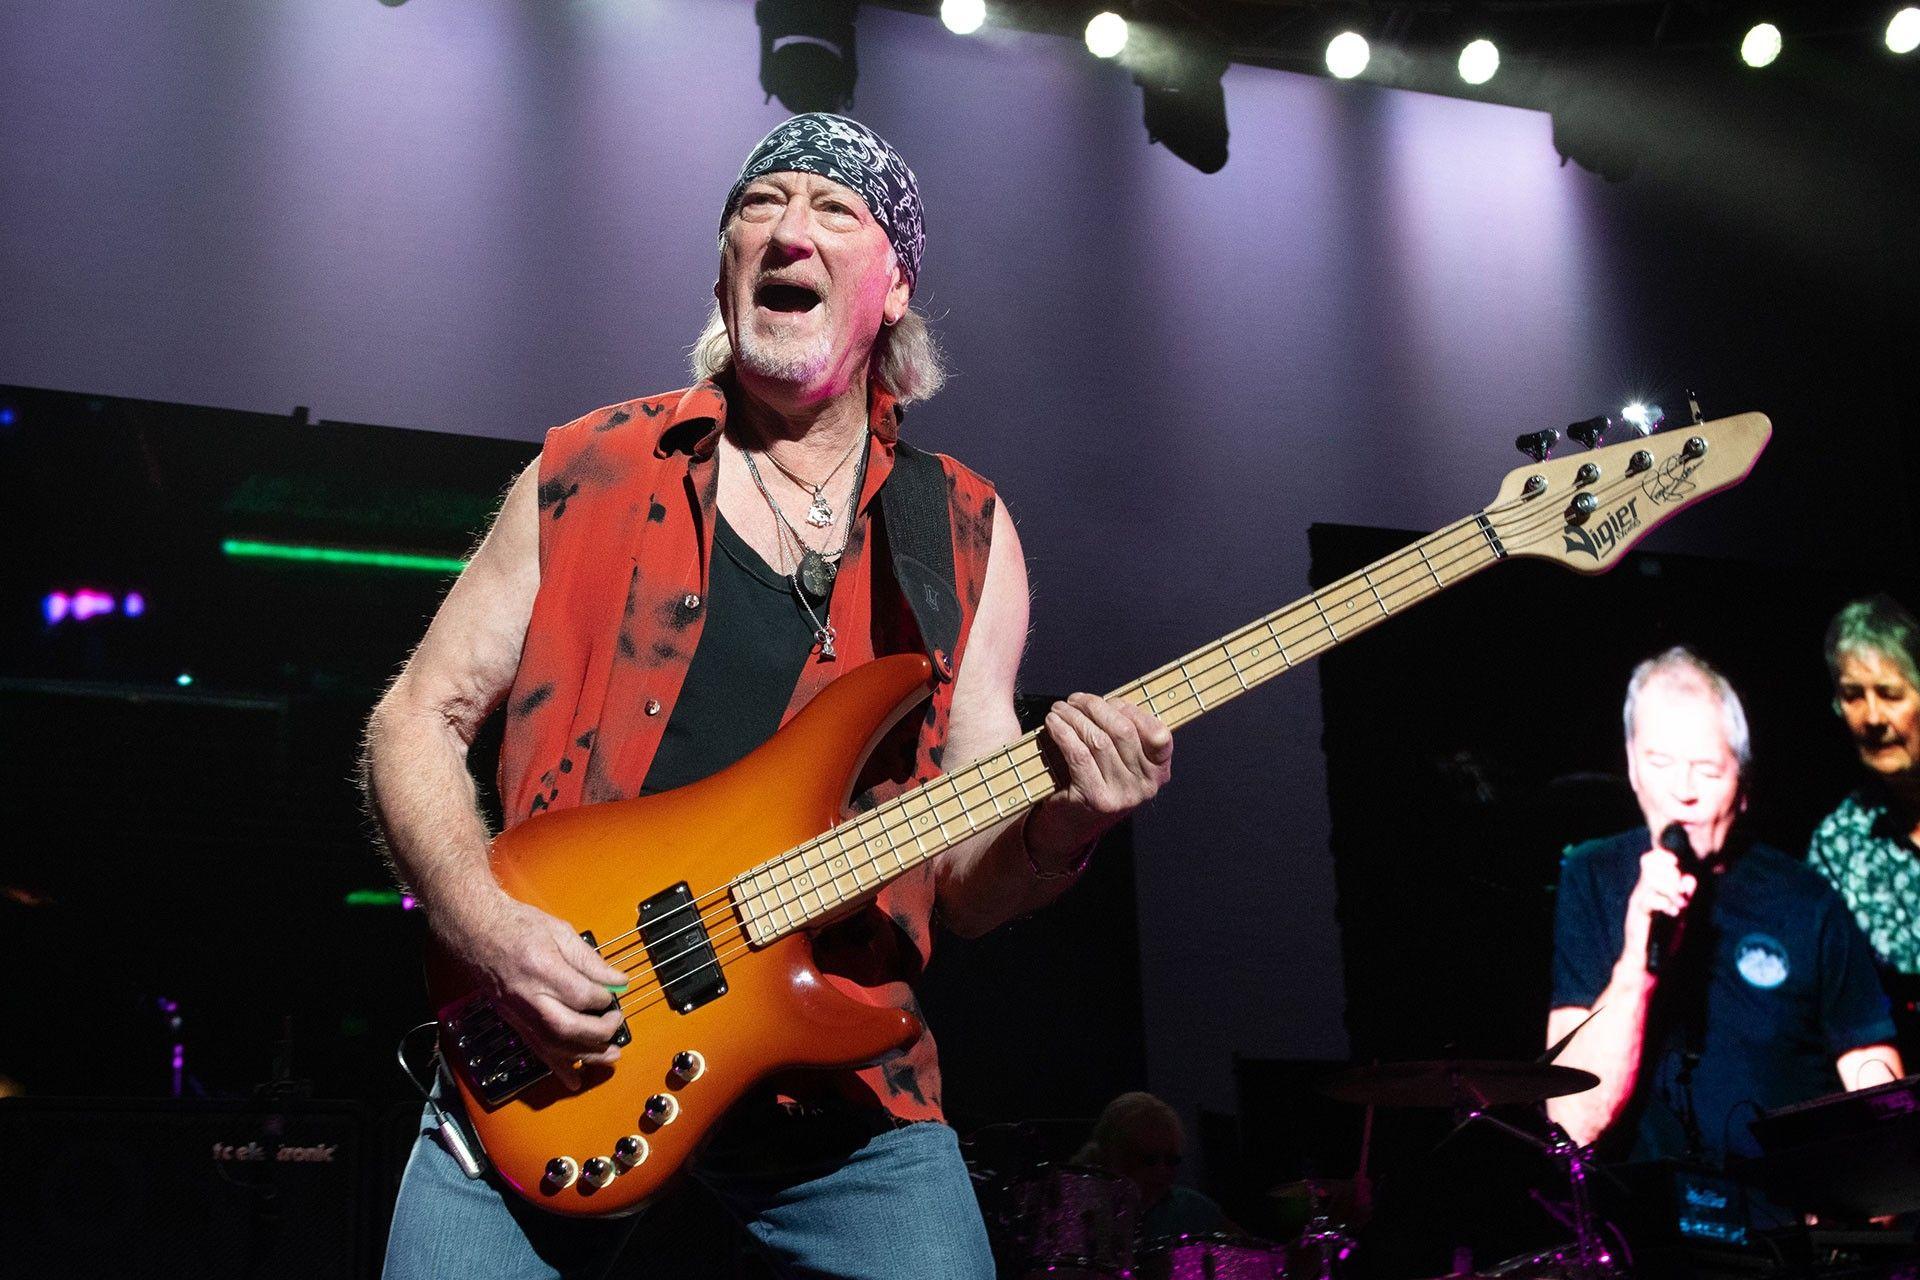 https://concierge.coutts.com/media/article_images/Deep_Purple.jfif